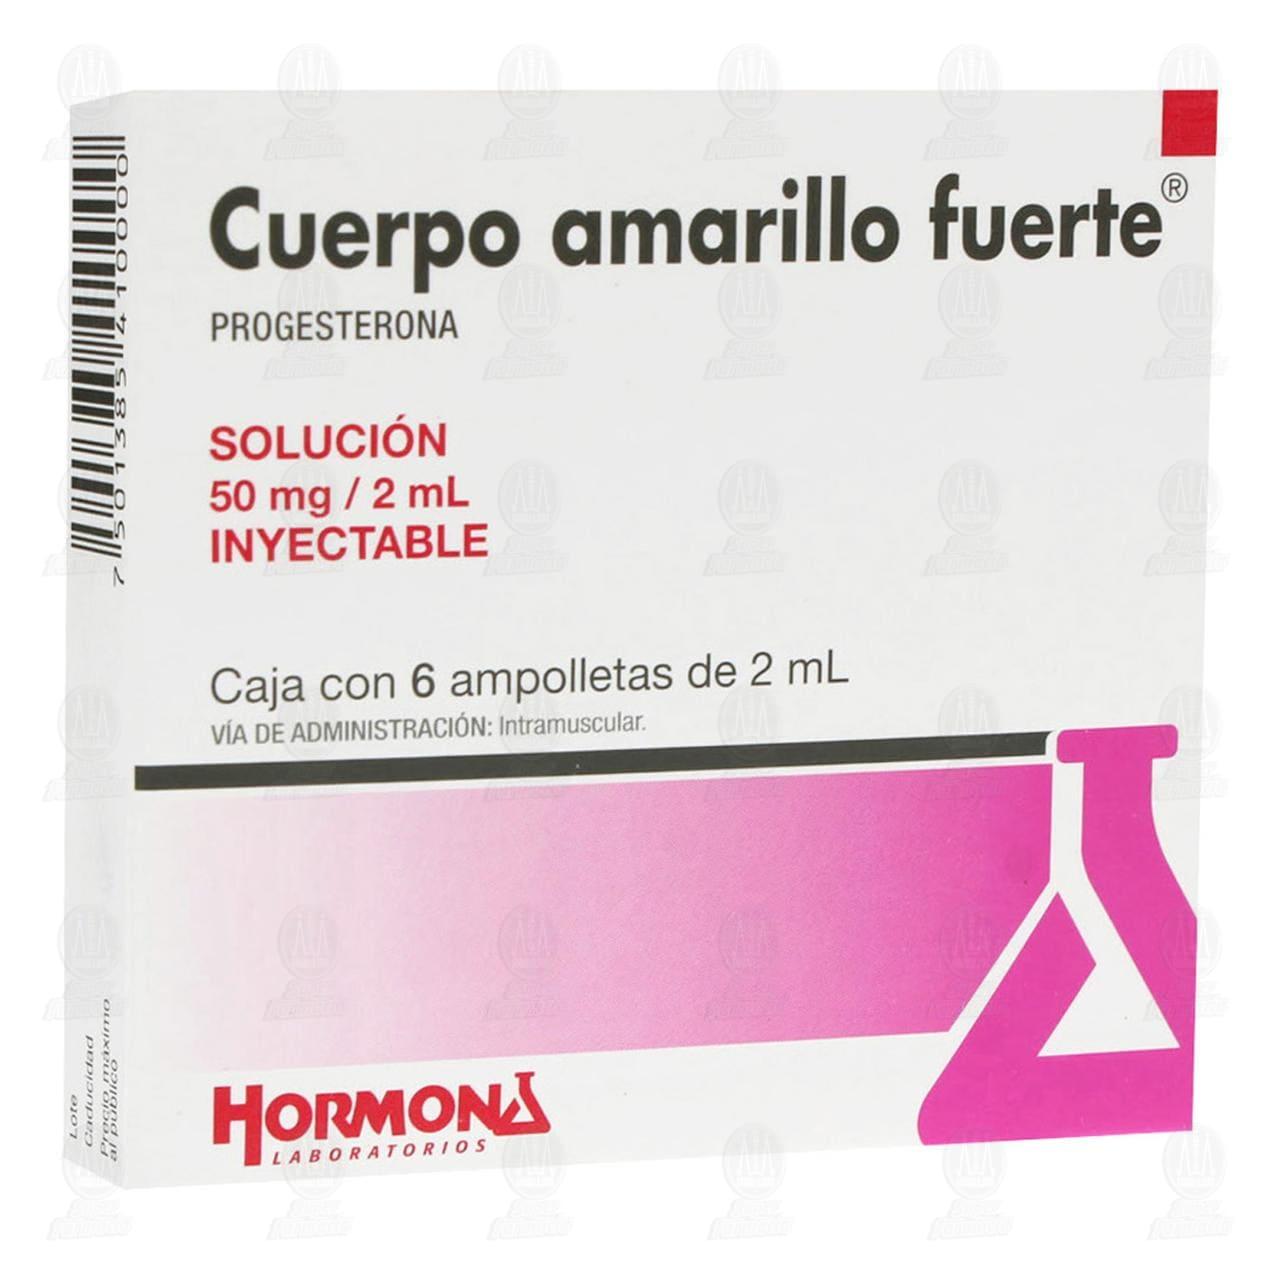 Comprar Cuerpo Amarillo Fuerte 2ml 6 Ampolletas en Farmacias Guadalajara